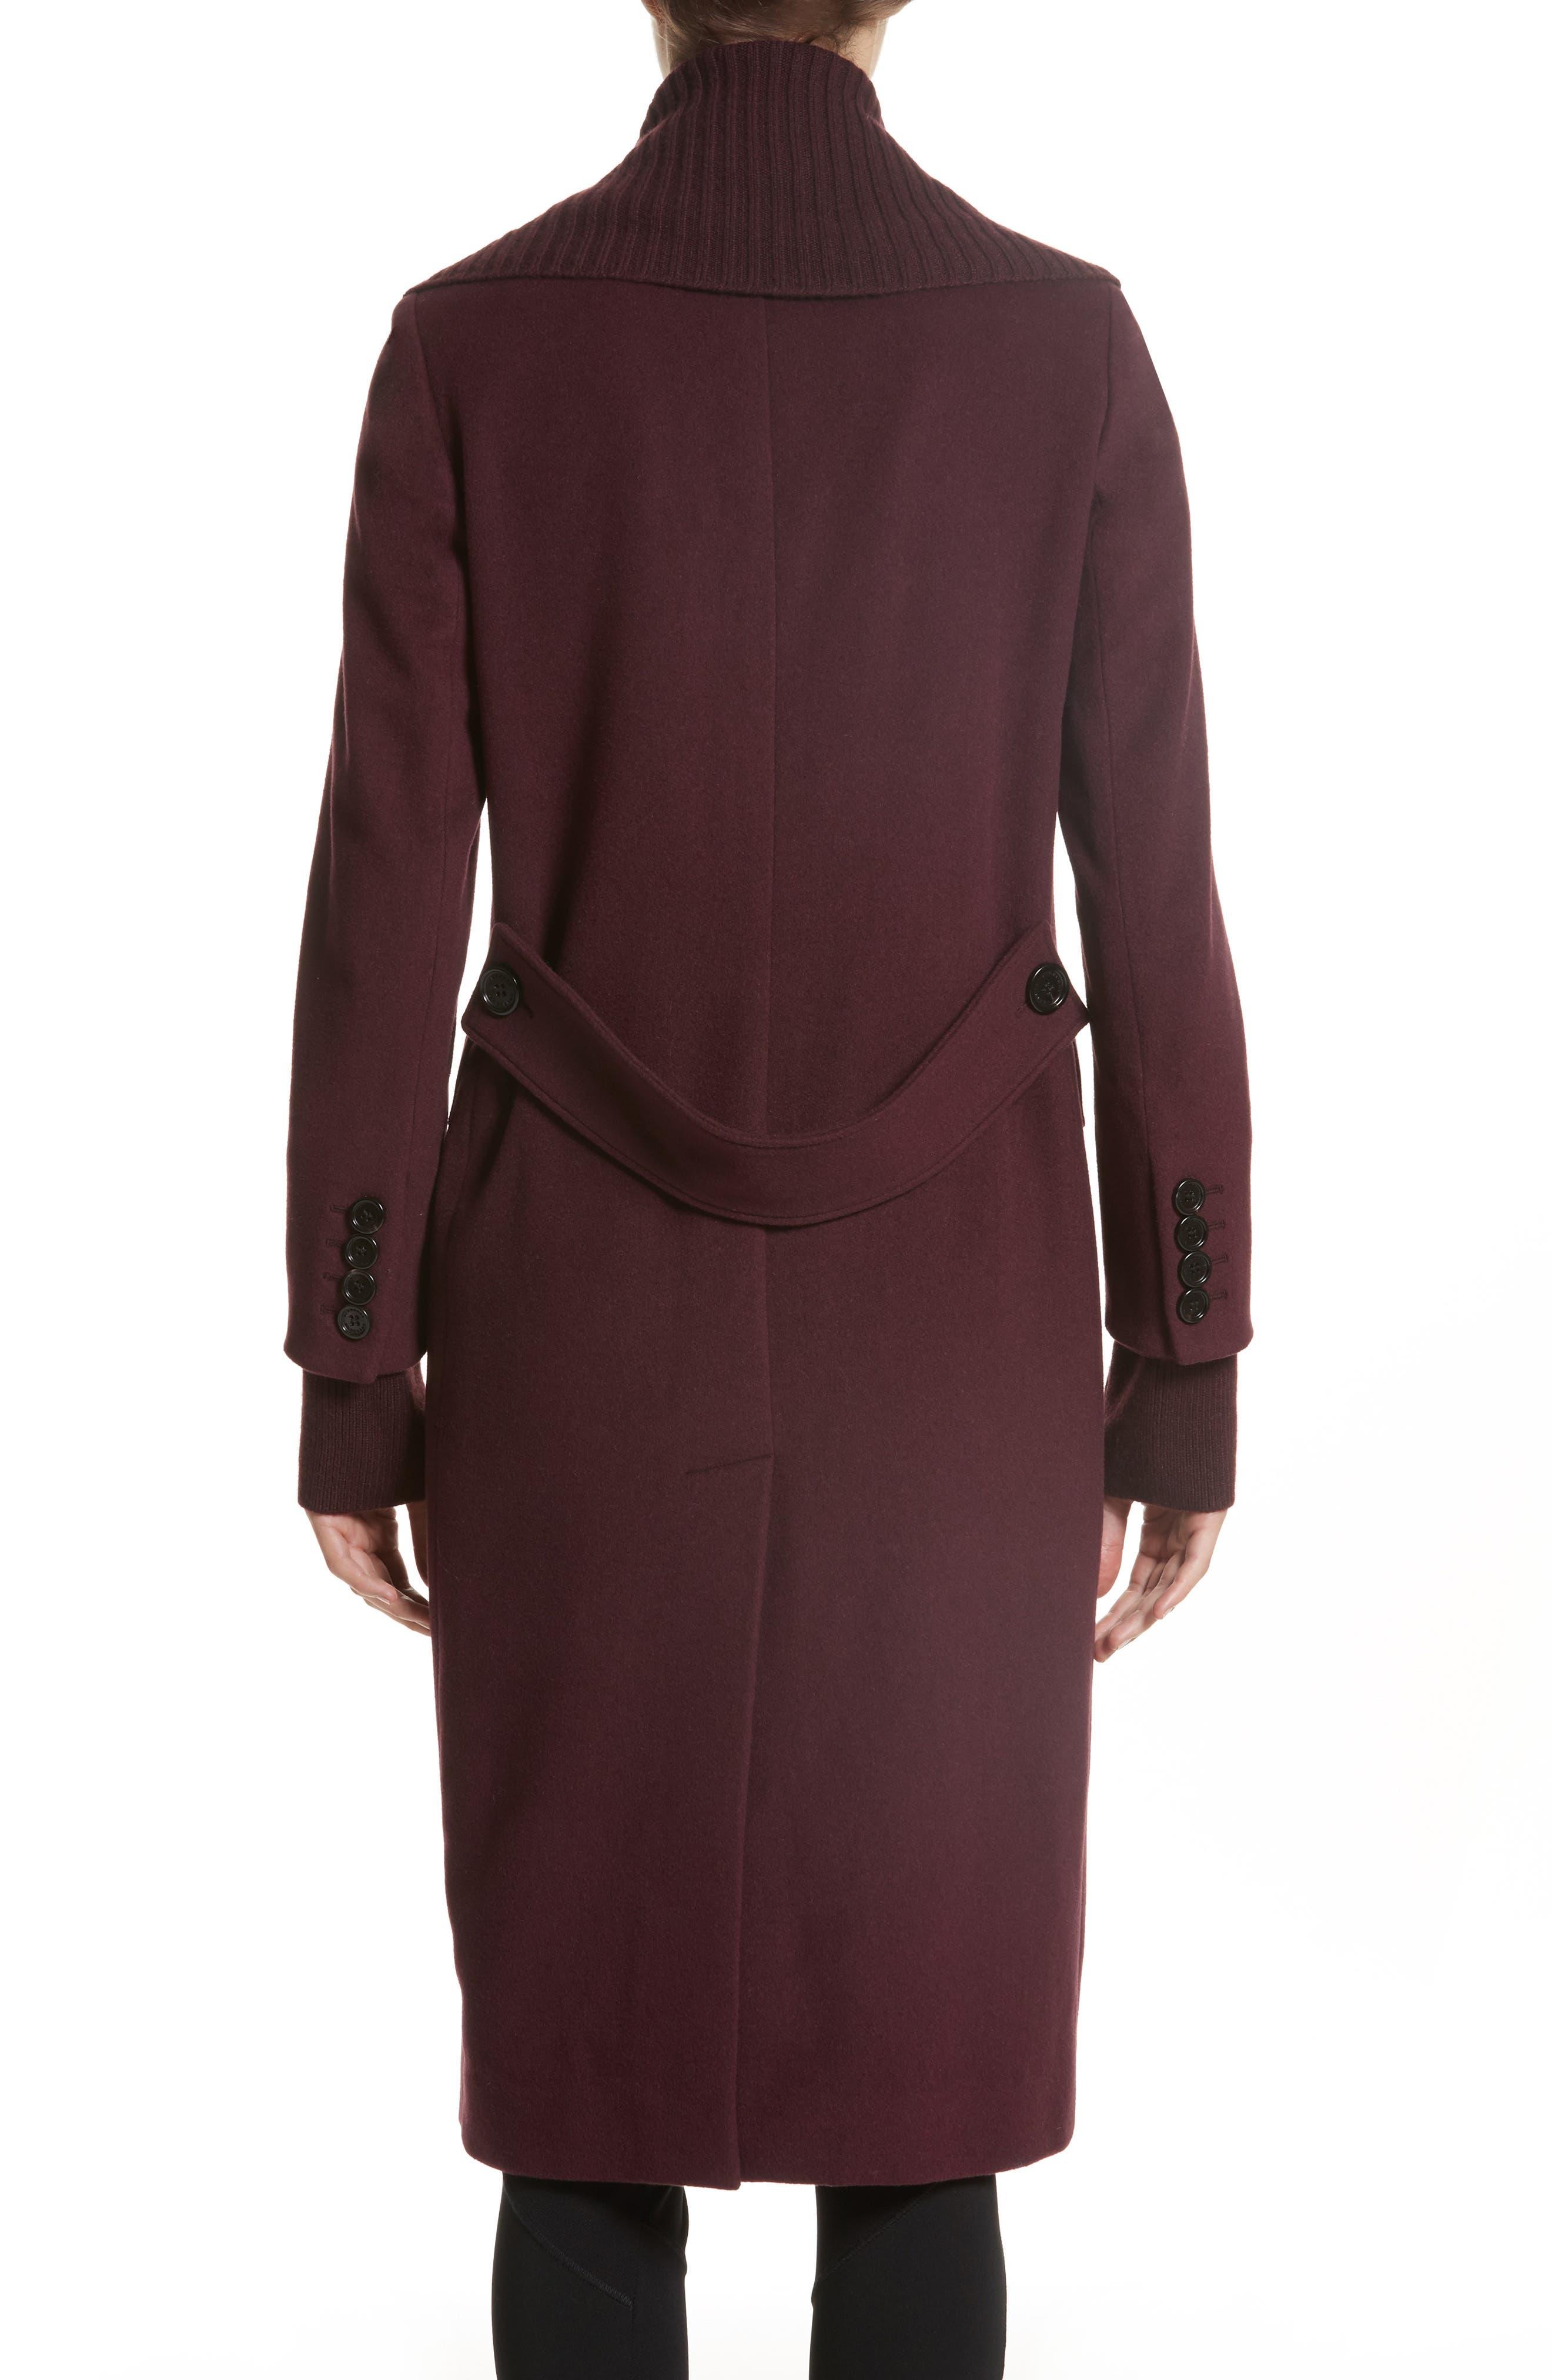 Cairndale Knit Trim Cashmere Coat,                             Alternate thumbnail 3, color,                             Black Currant